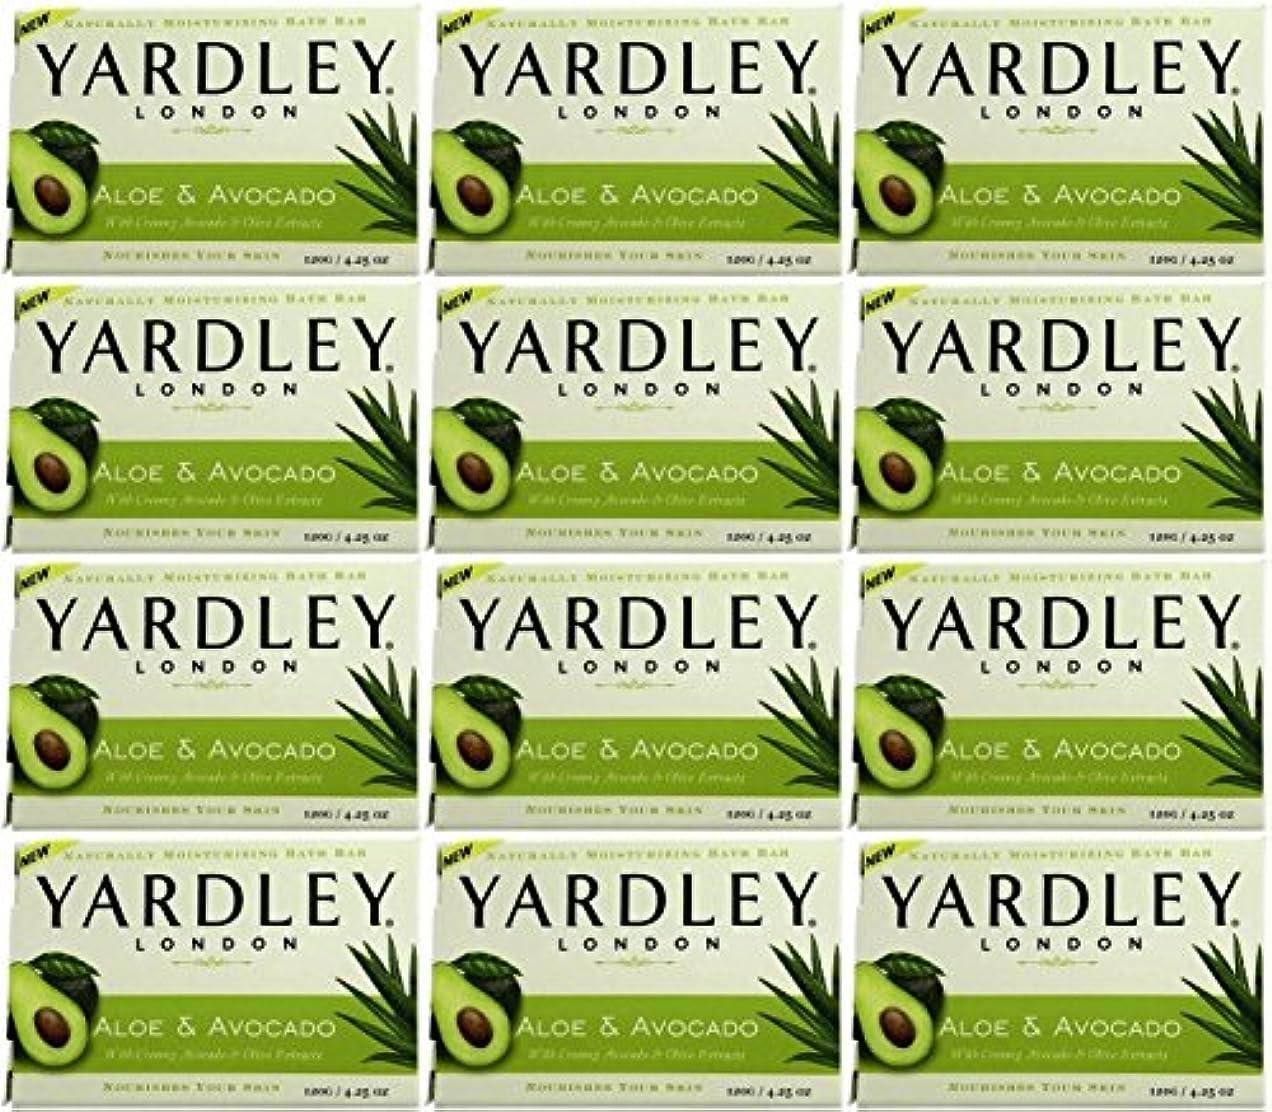 レイア幹画面Yardley ロンドンアロエアボカド当然のことながら保湿入浴バー4.25オズ(12パック) 12のパック ヌル